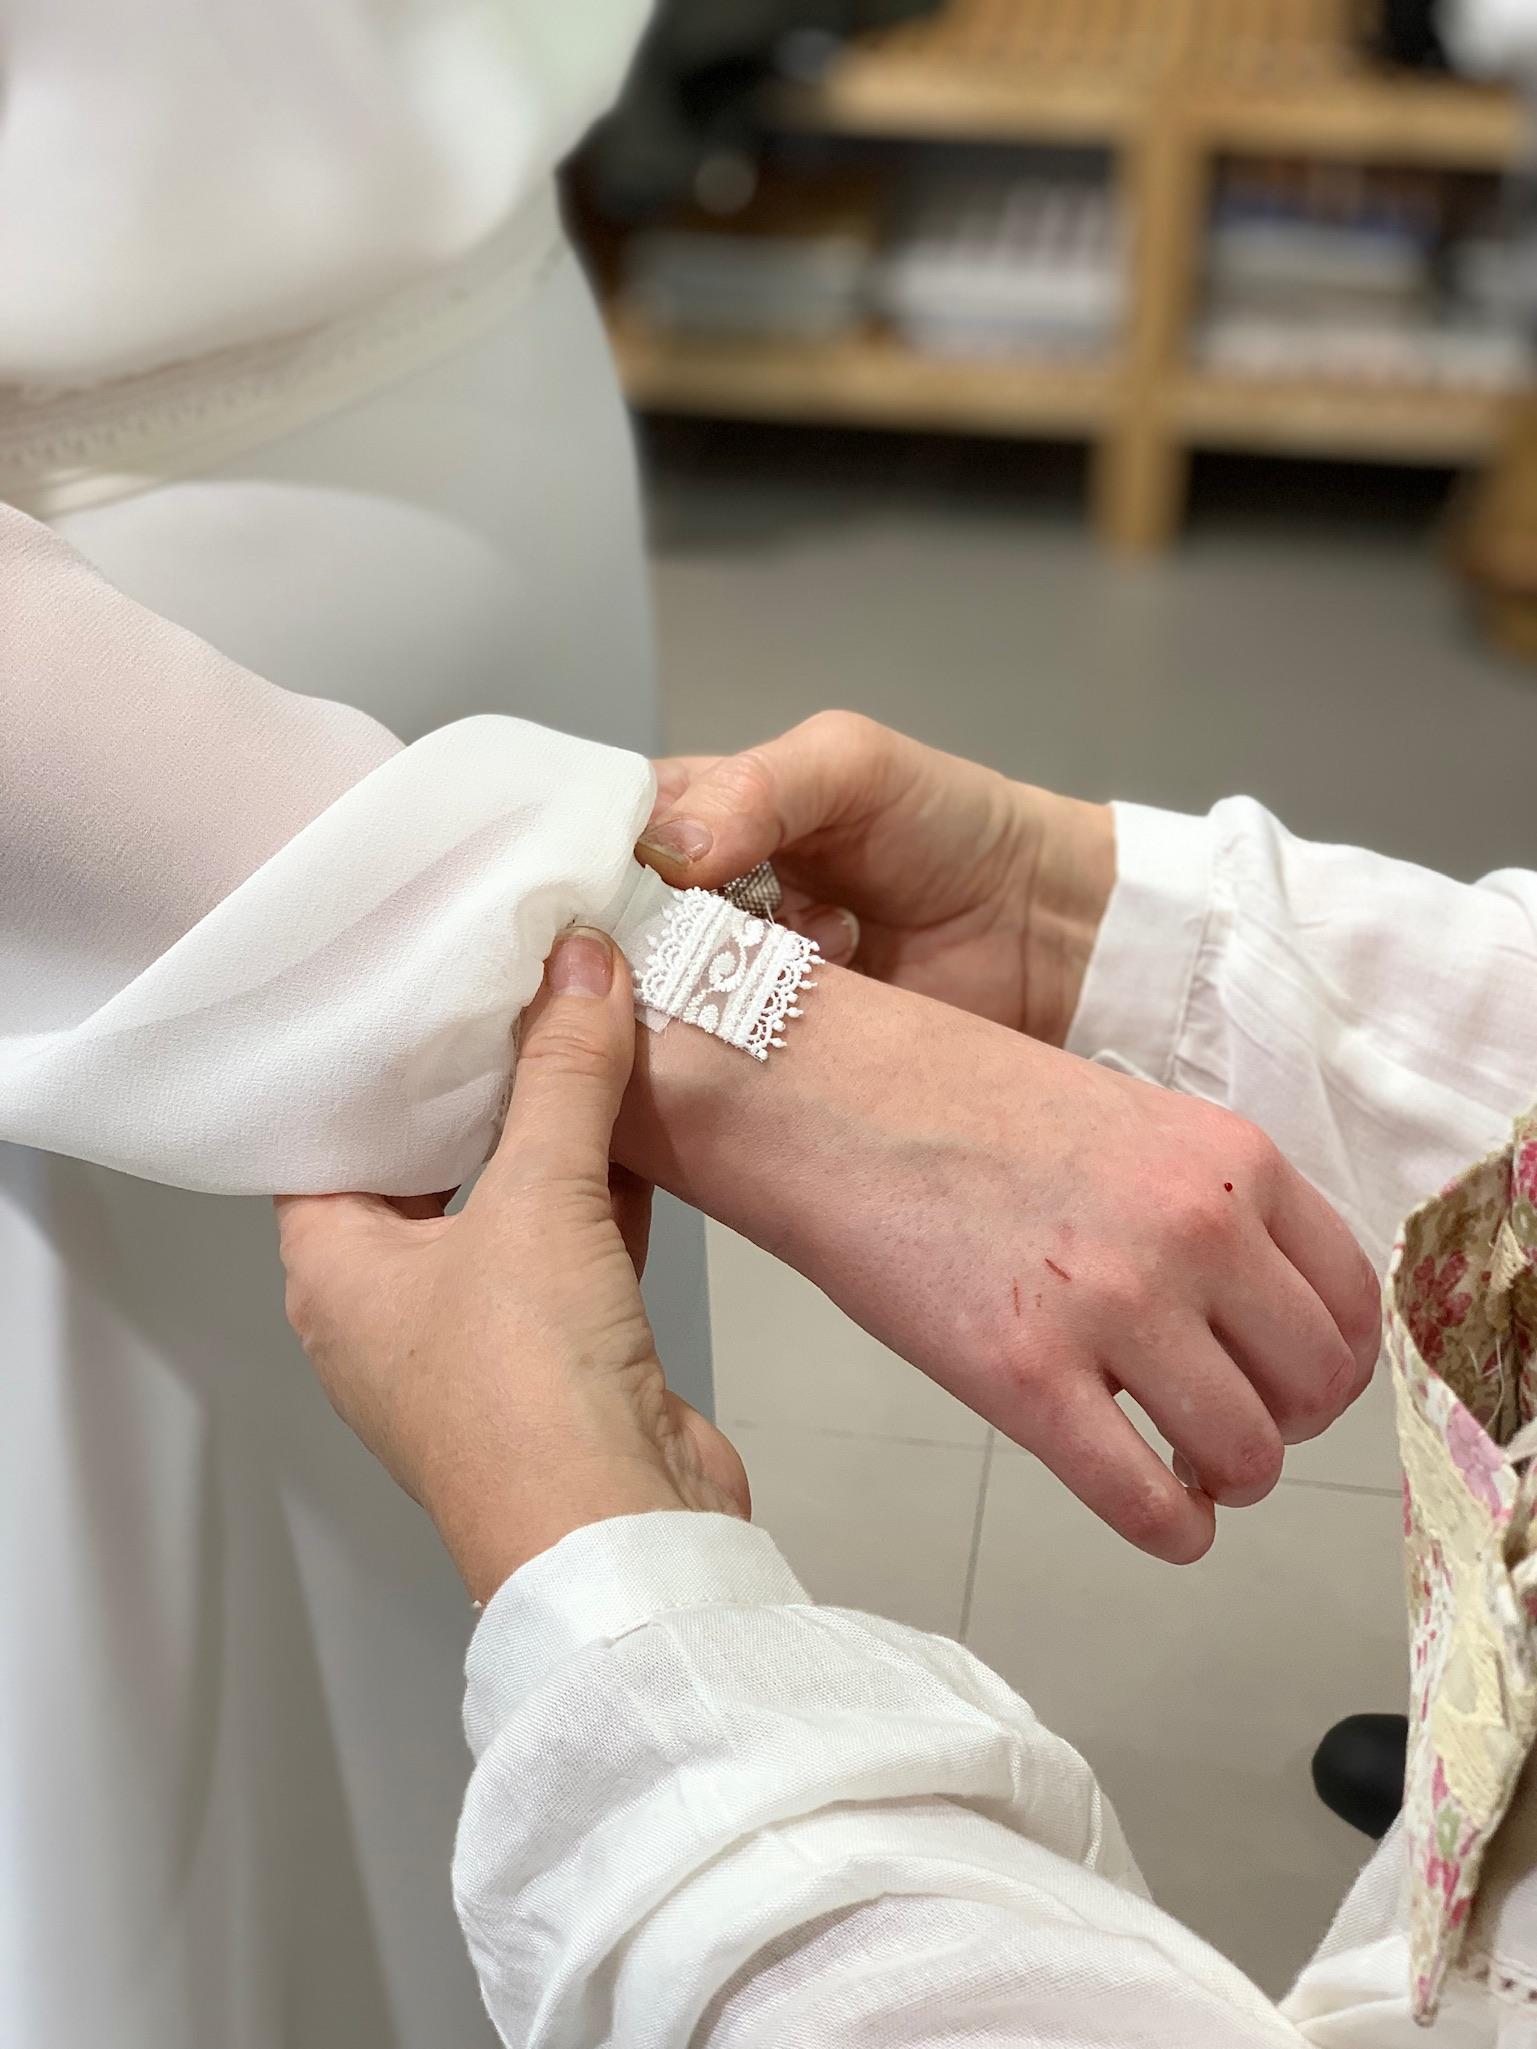 Detalle del proceso de fabricación de un vestido de novia en atelier